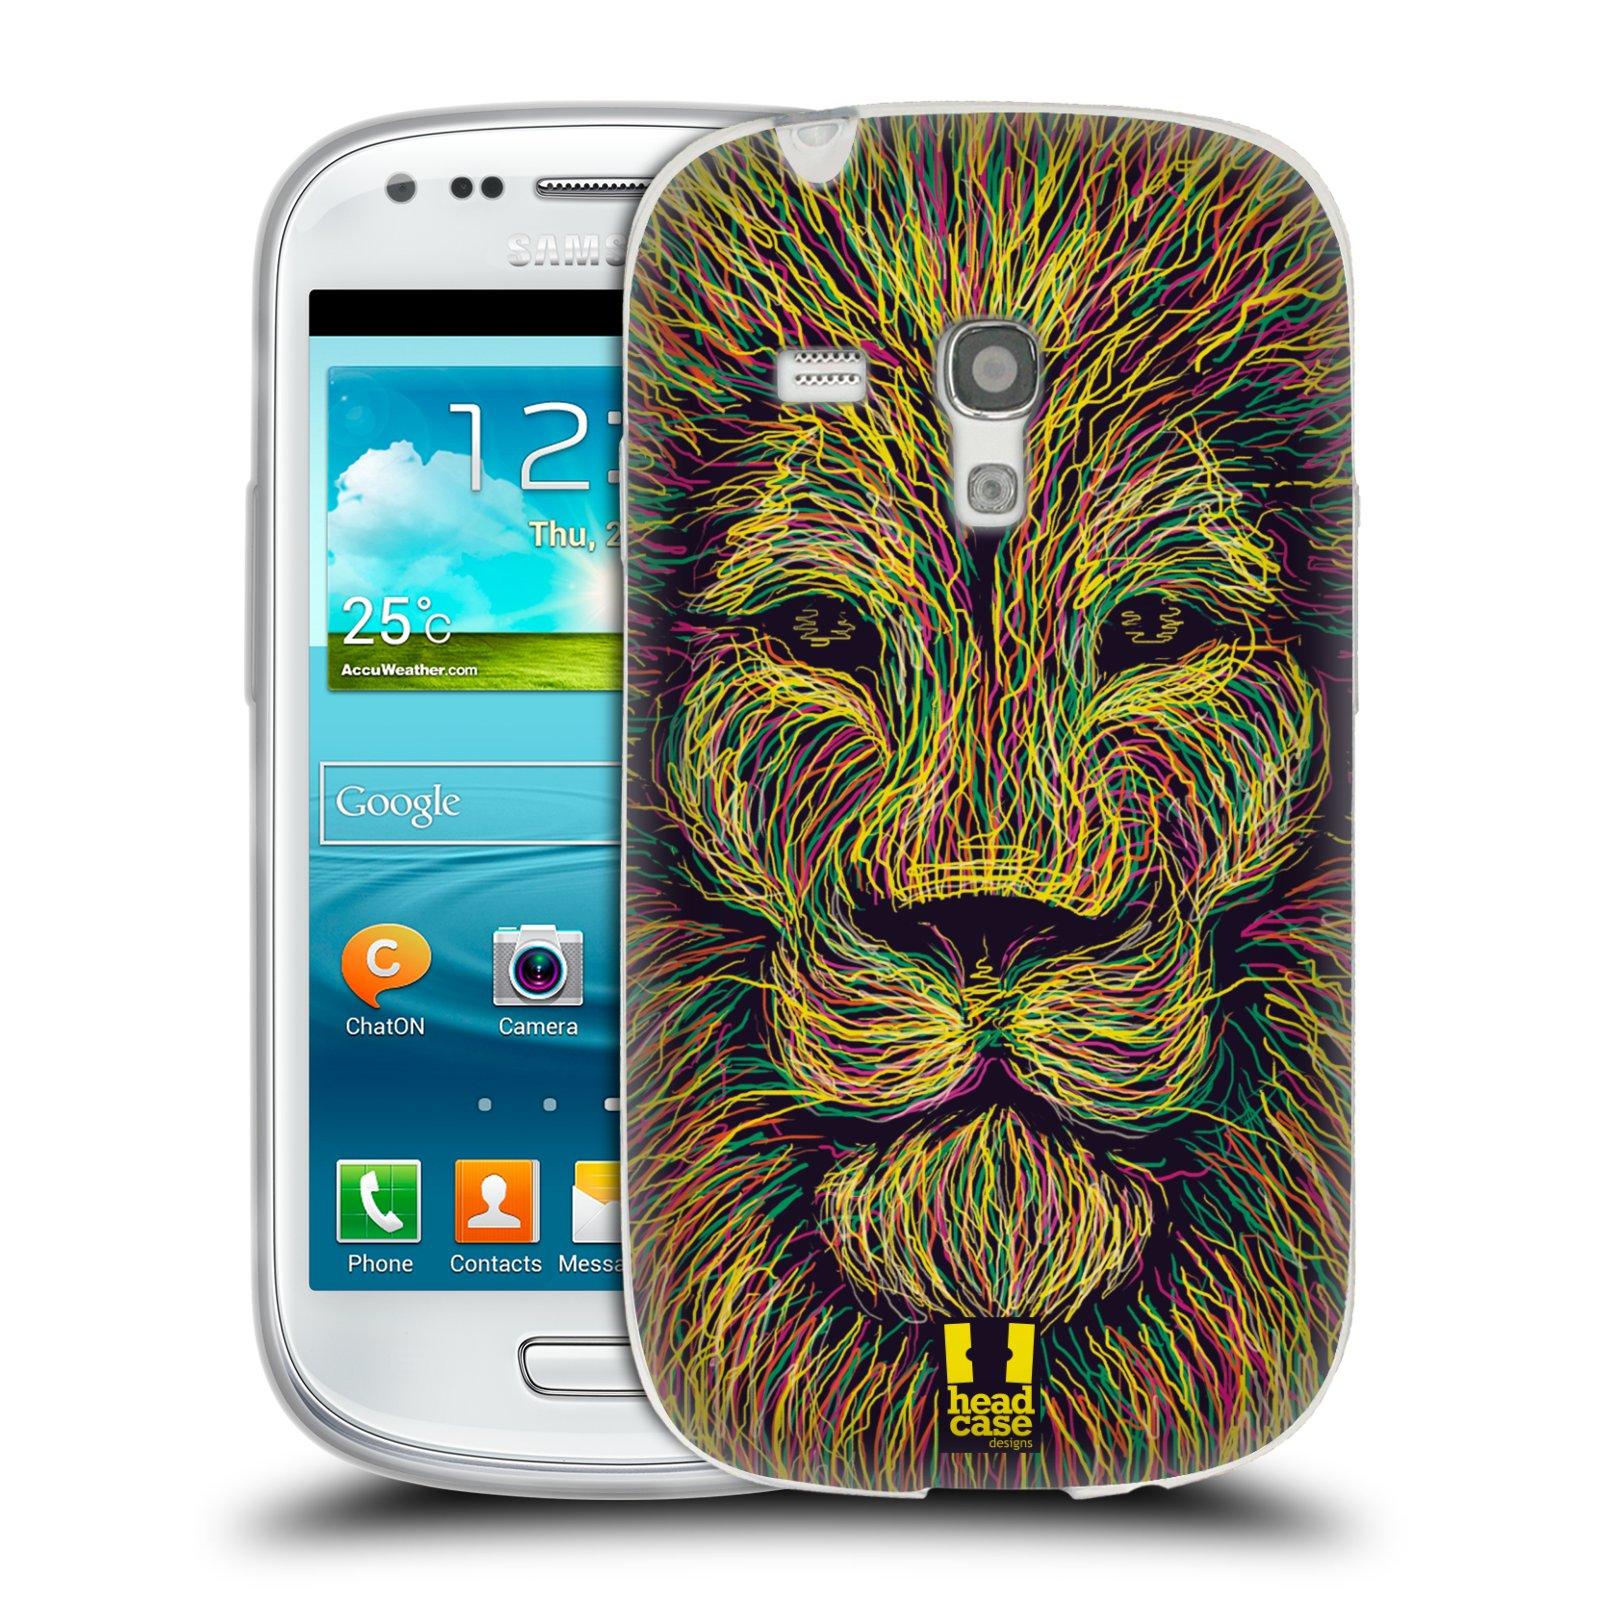 HEAD CASE silikonový obal na mobil Samsung Galaxy S3 MINI i8190 vzor zvíře čmáranice lev